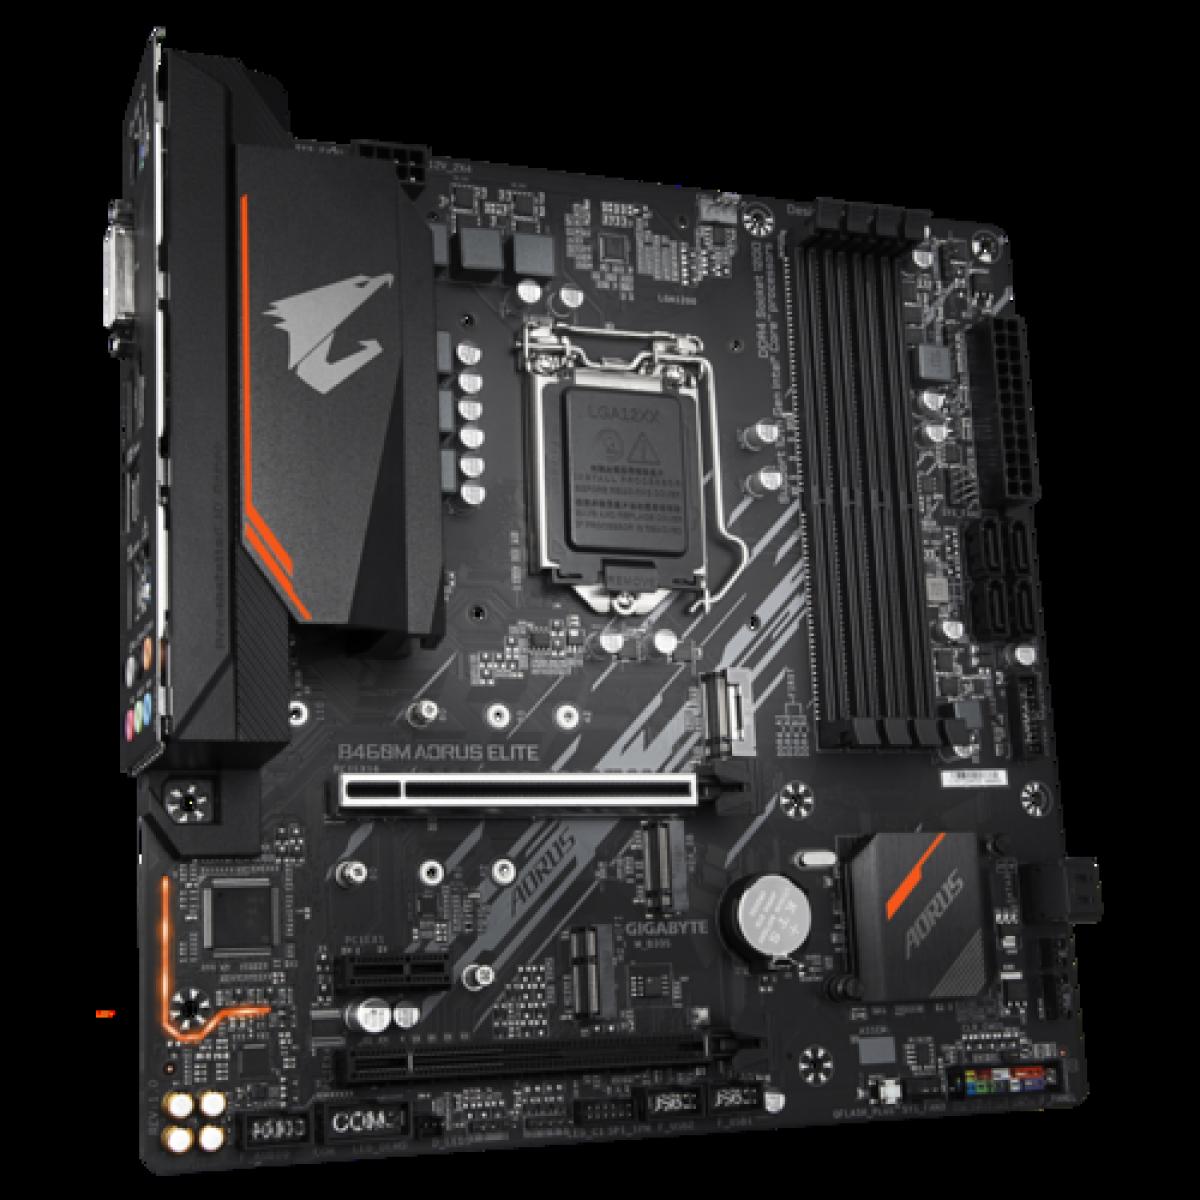 Placa Mãe Gigabyte B460M AORUS Elite, Chipset B460, Intel LGA 1200, mATX, DDR4